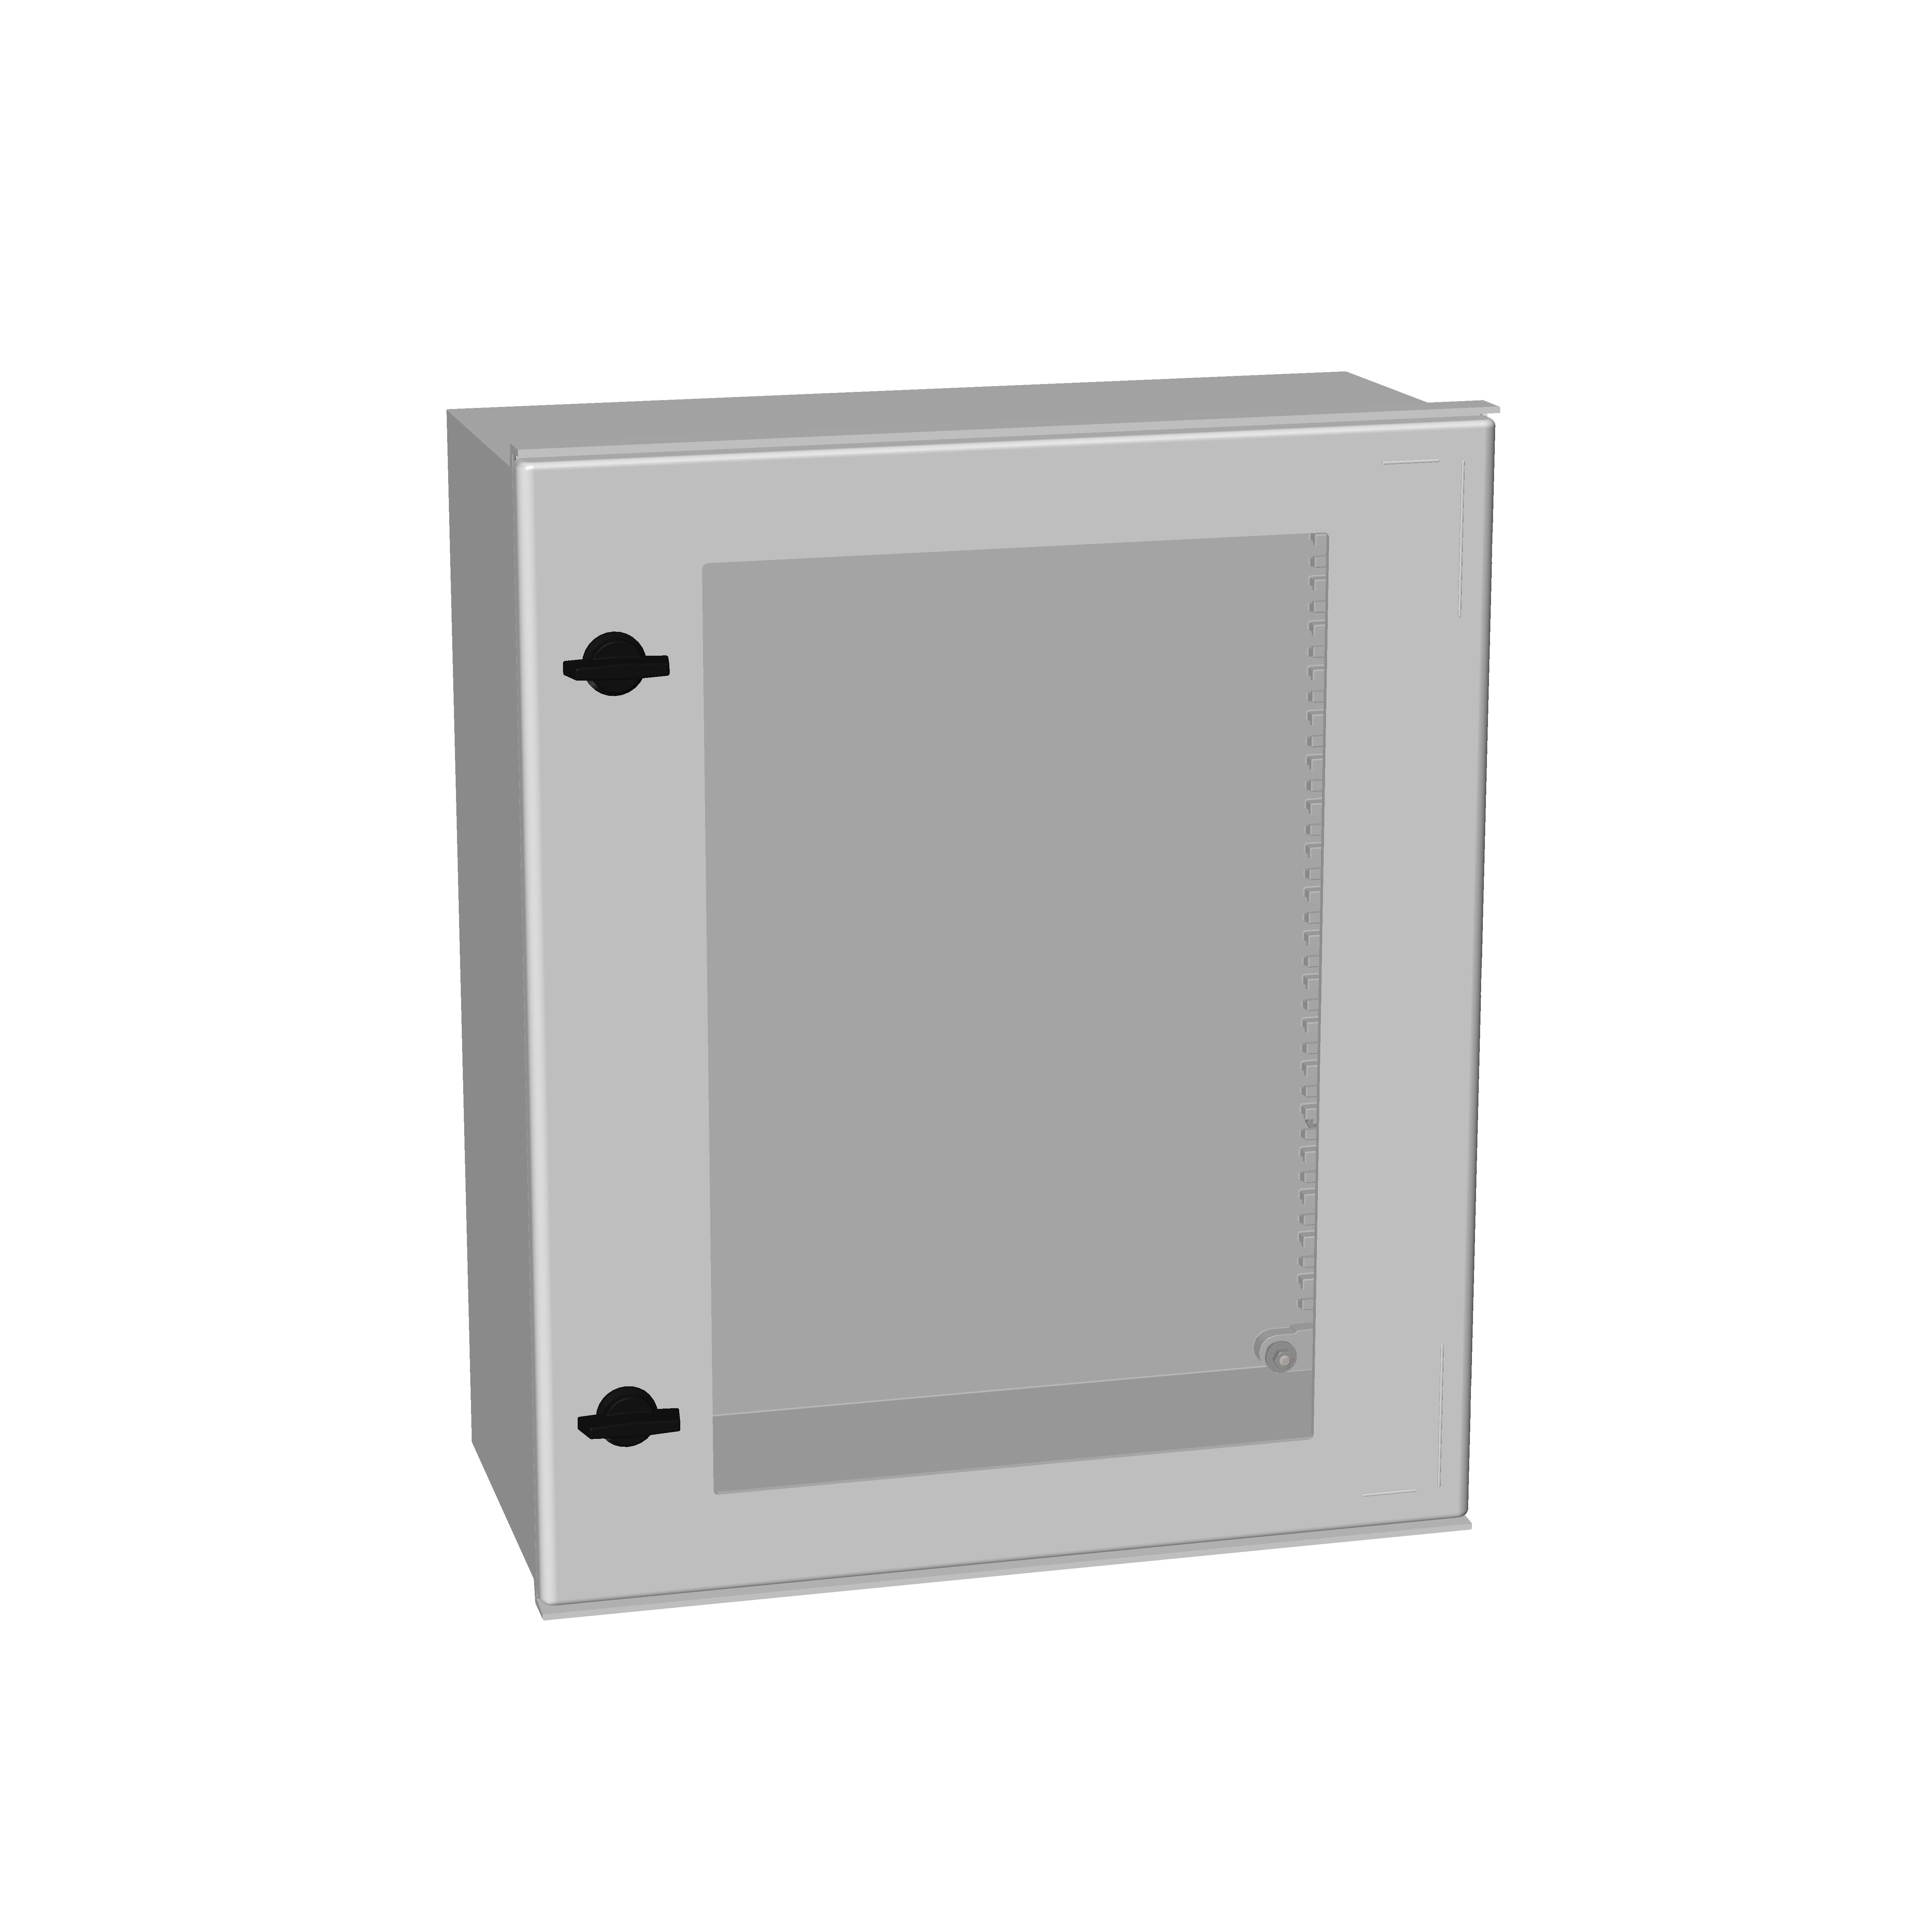 1 Stk Minipol-Wandschrank mit Sichtfenster 600x500x230mm IM008965--